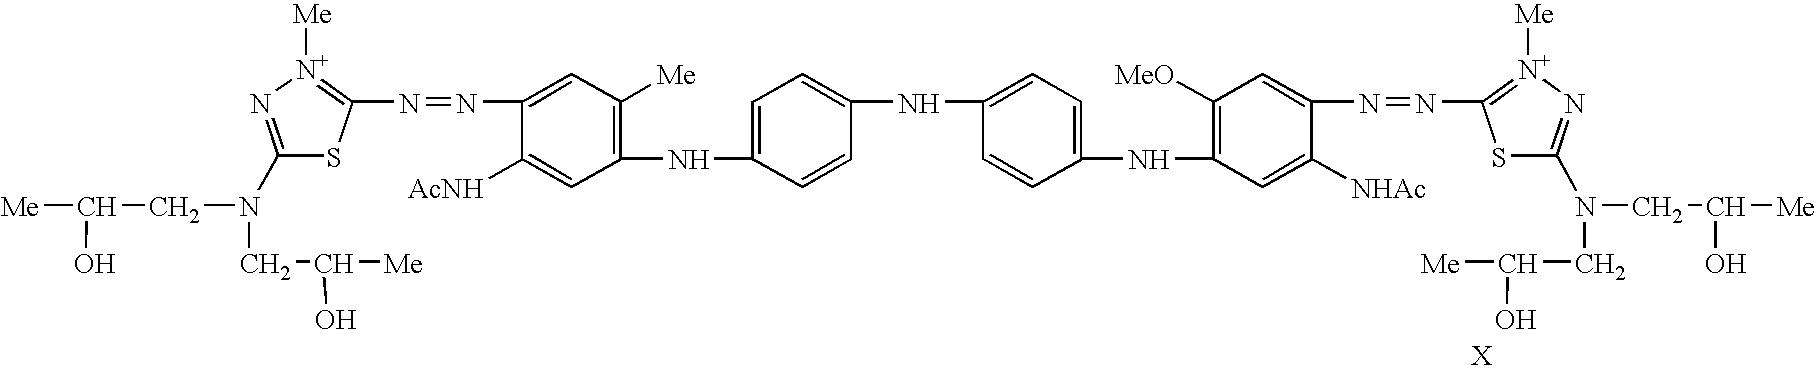 Figure US07497878-20090303-C00005